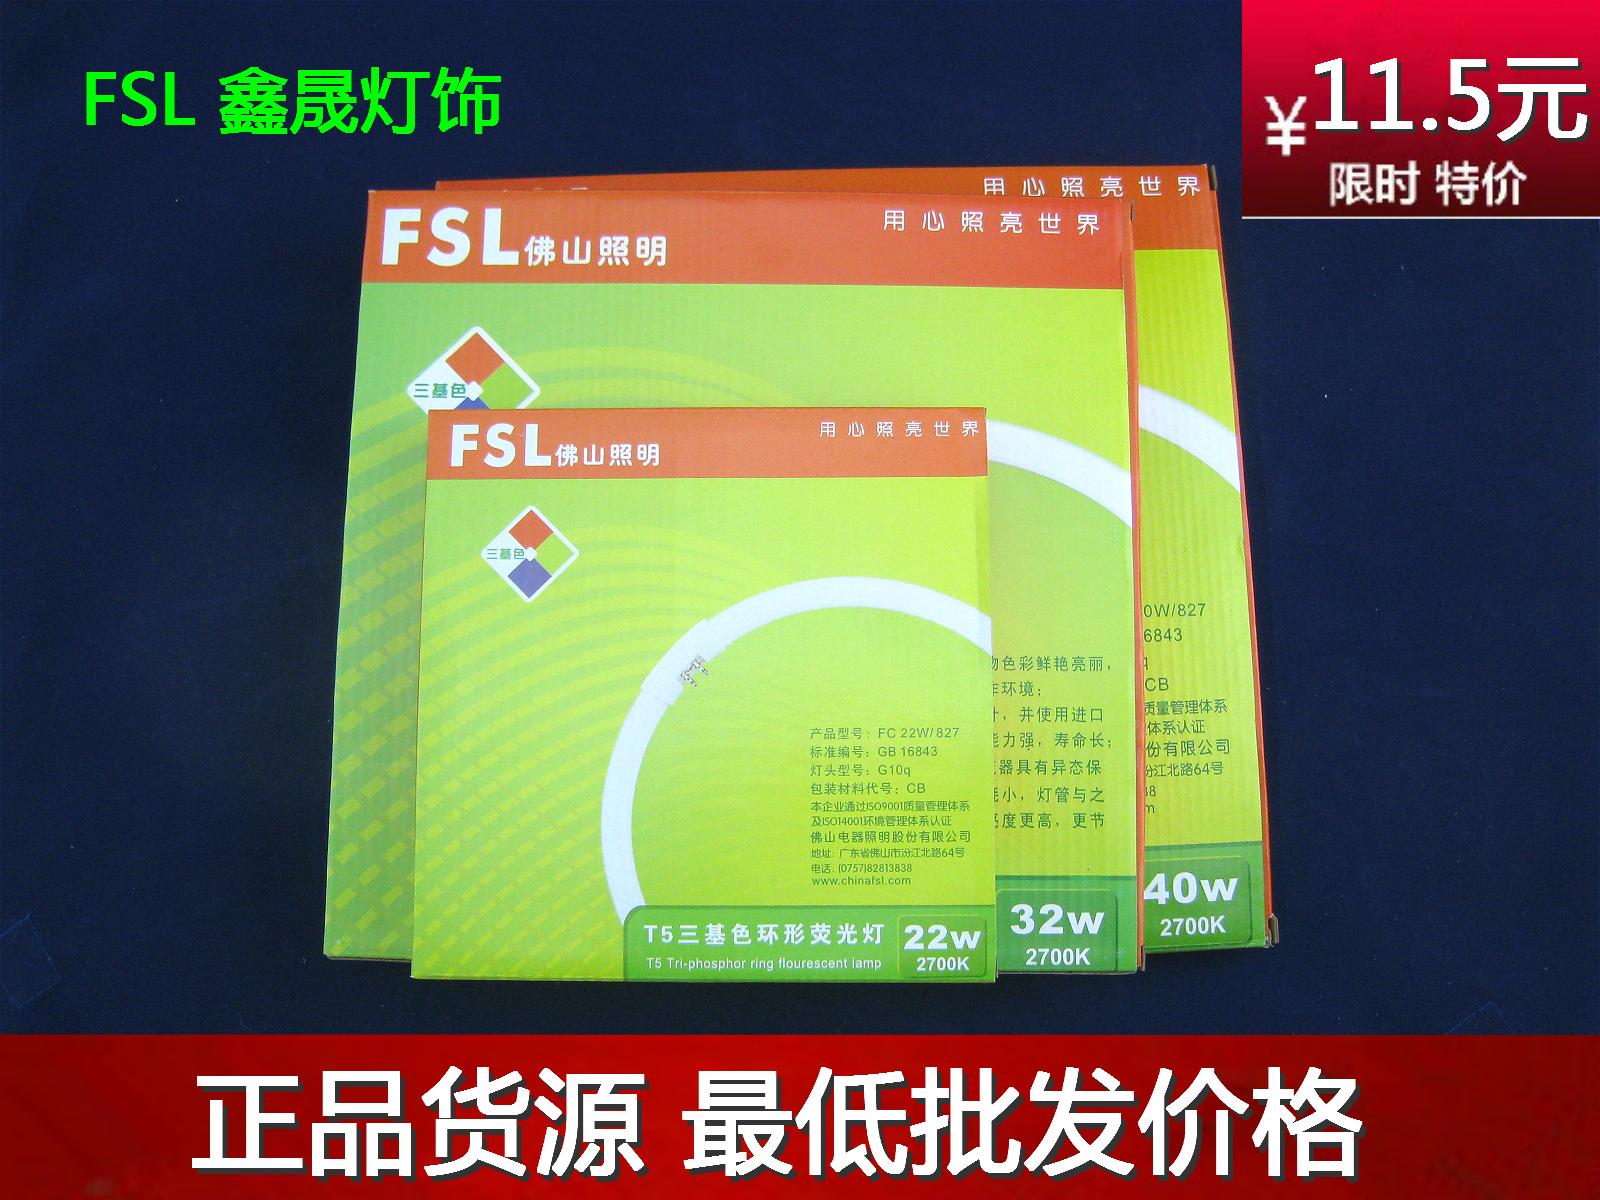 лампочка Foshan  T5 T5-22W28W32W40W гаджет foshan облако white 1335